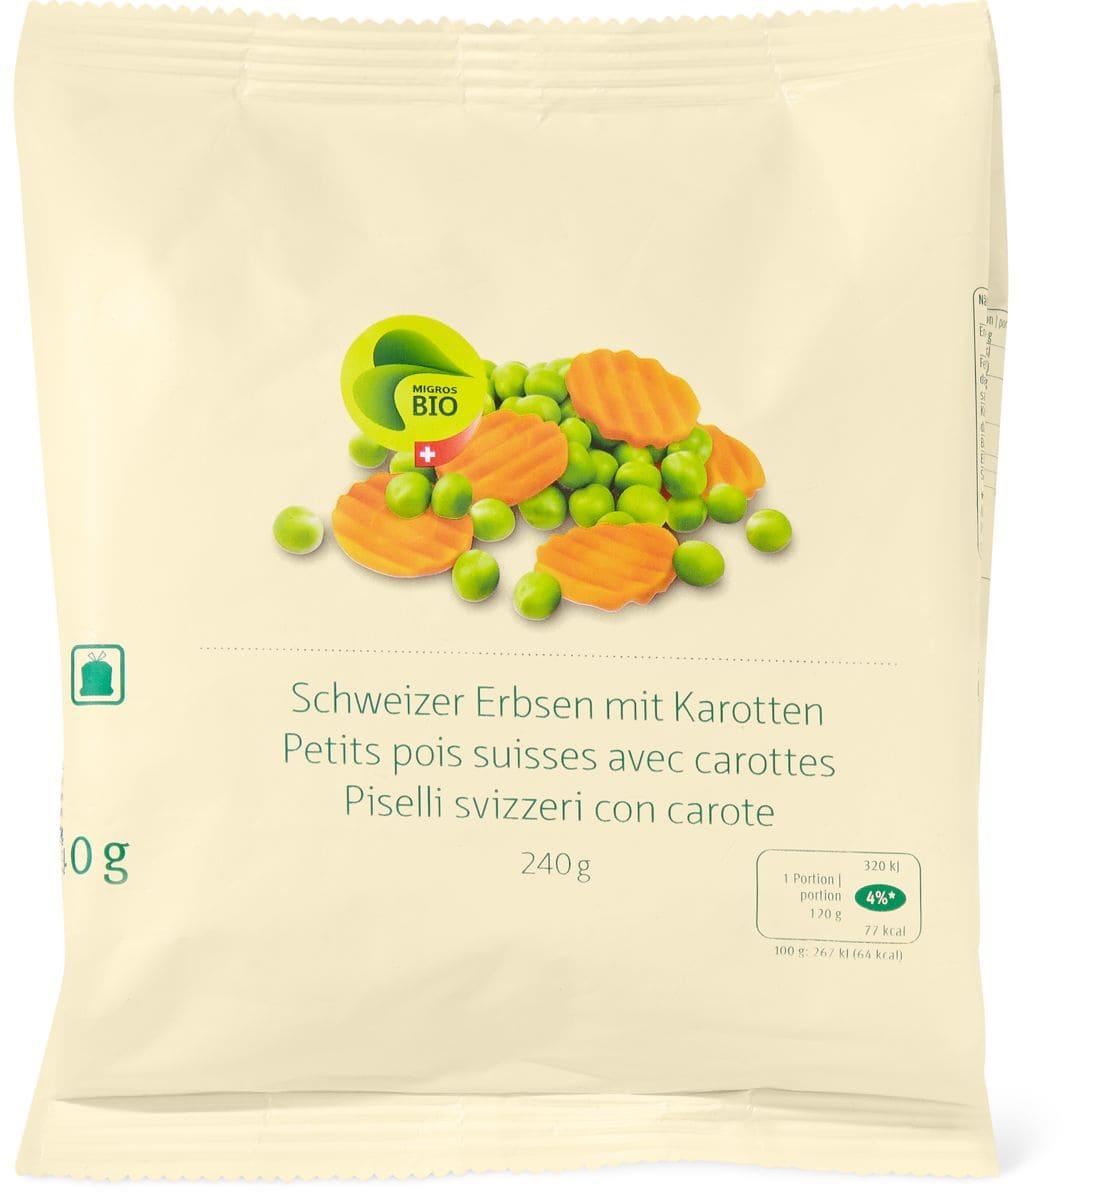 Bio Erbsen mit Karotten